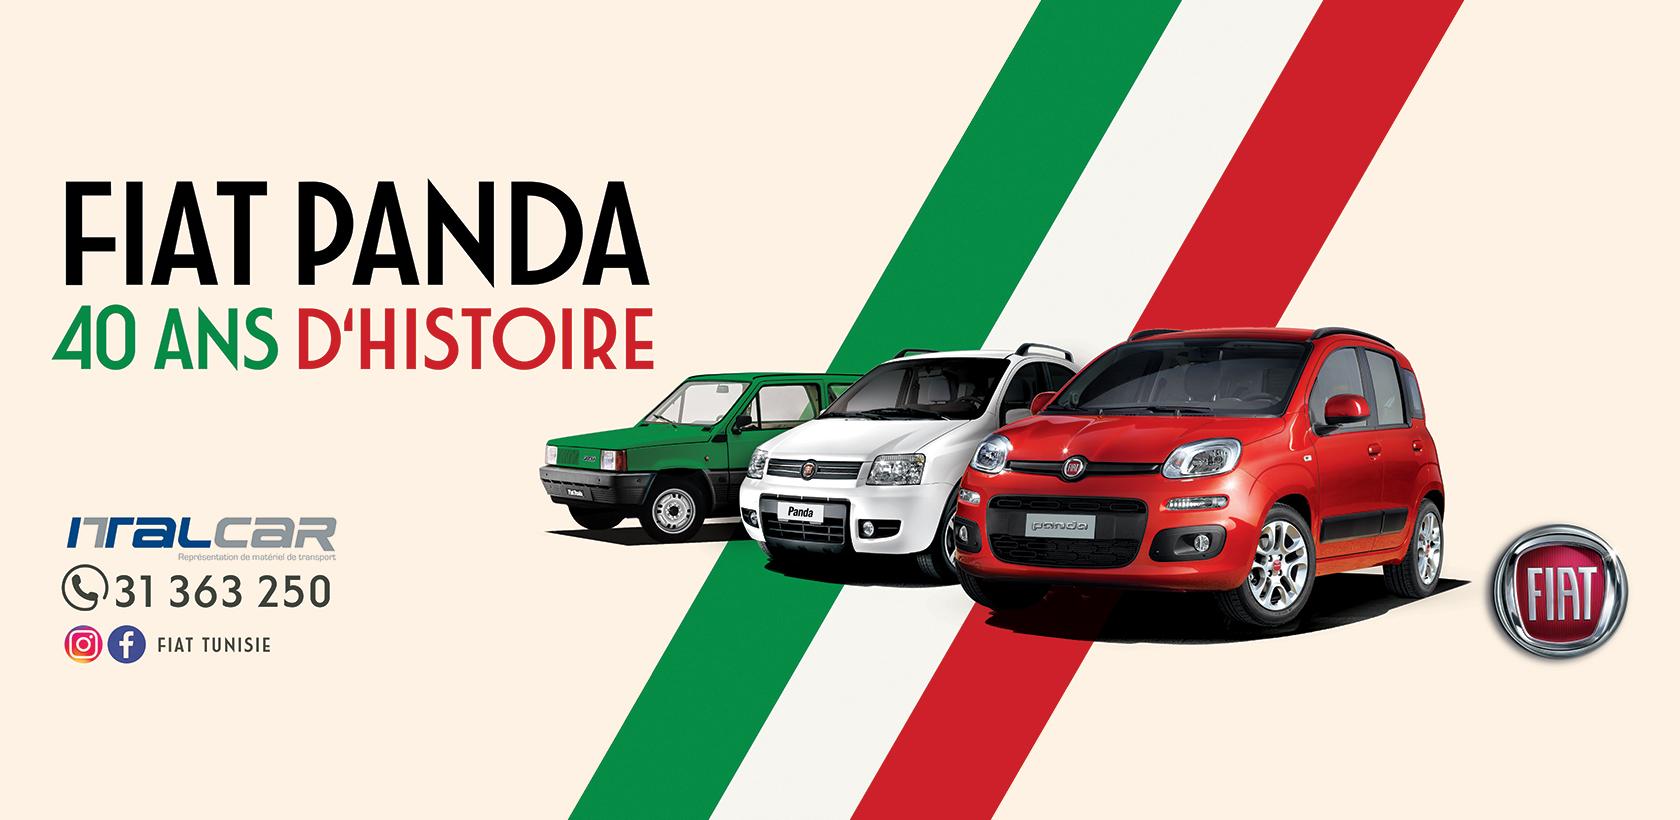 La Fiat Panda fête ses 40 ans